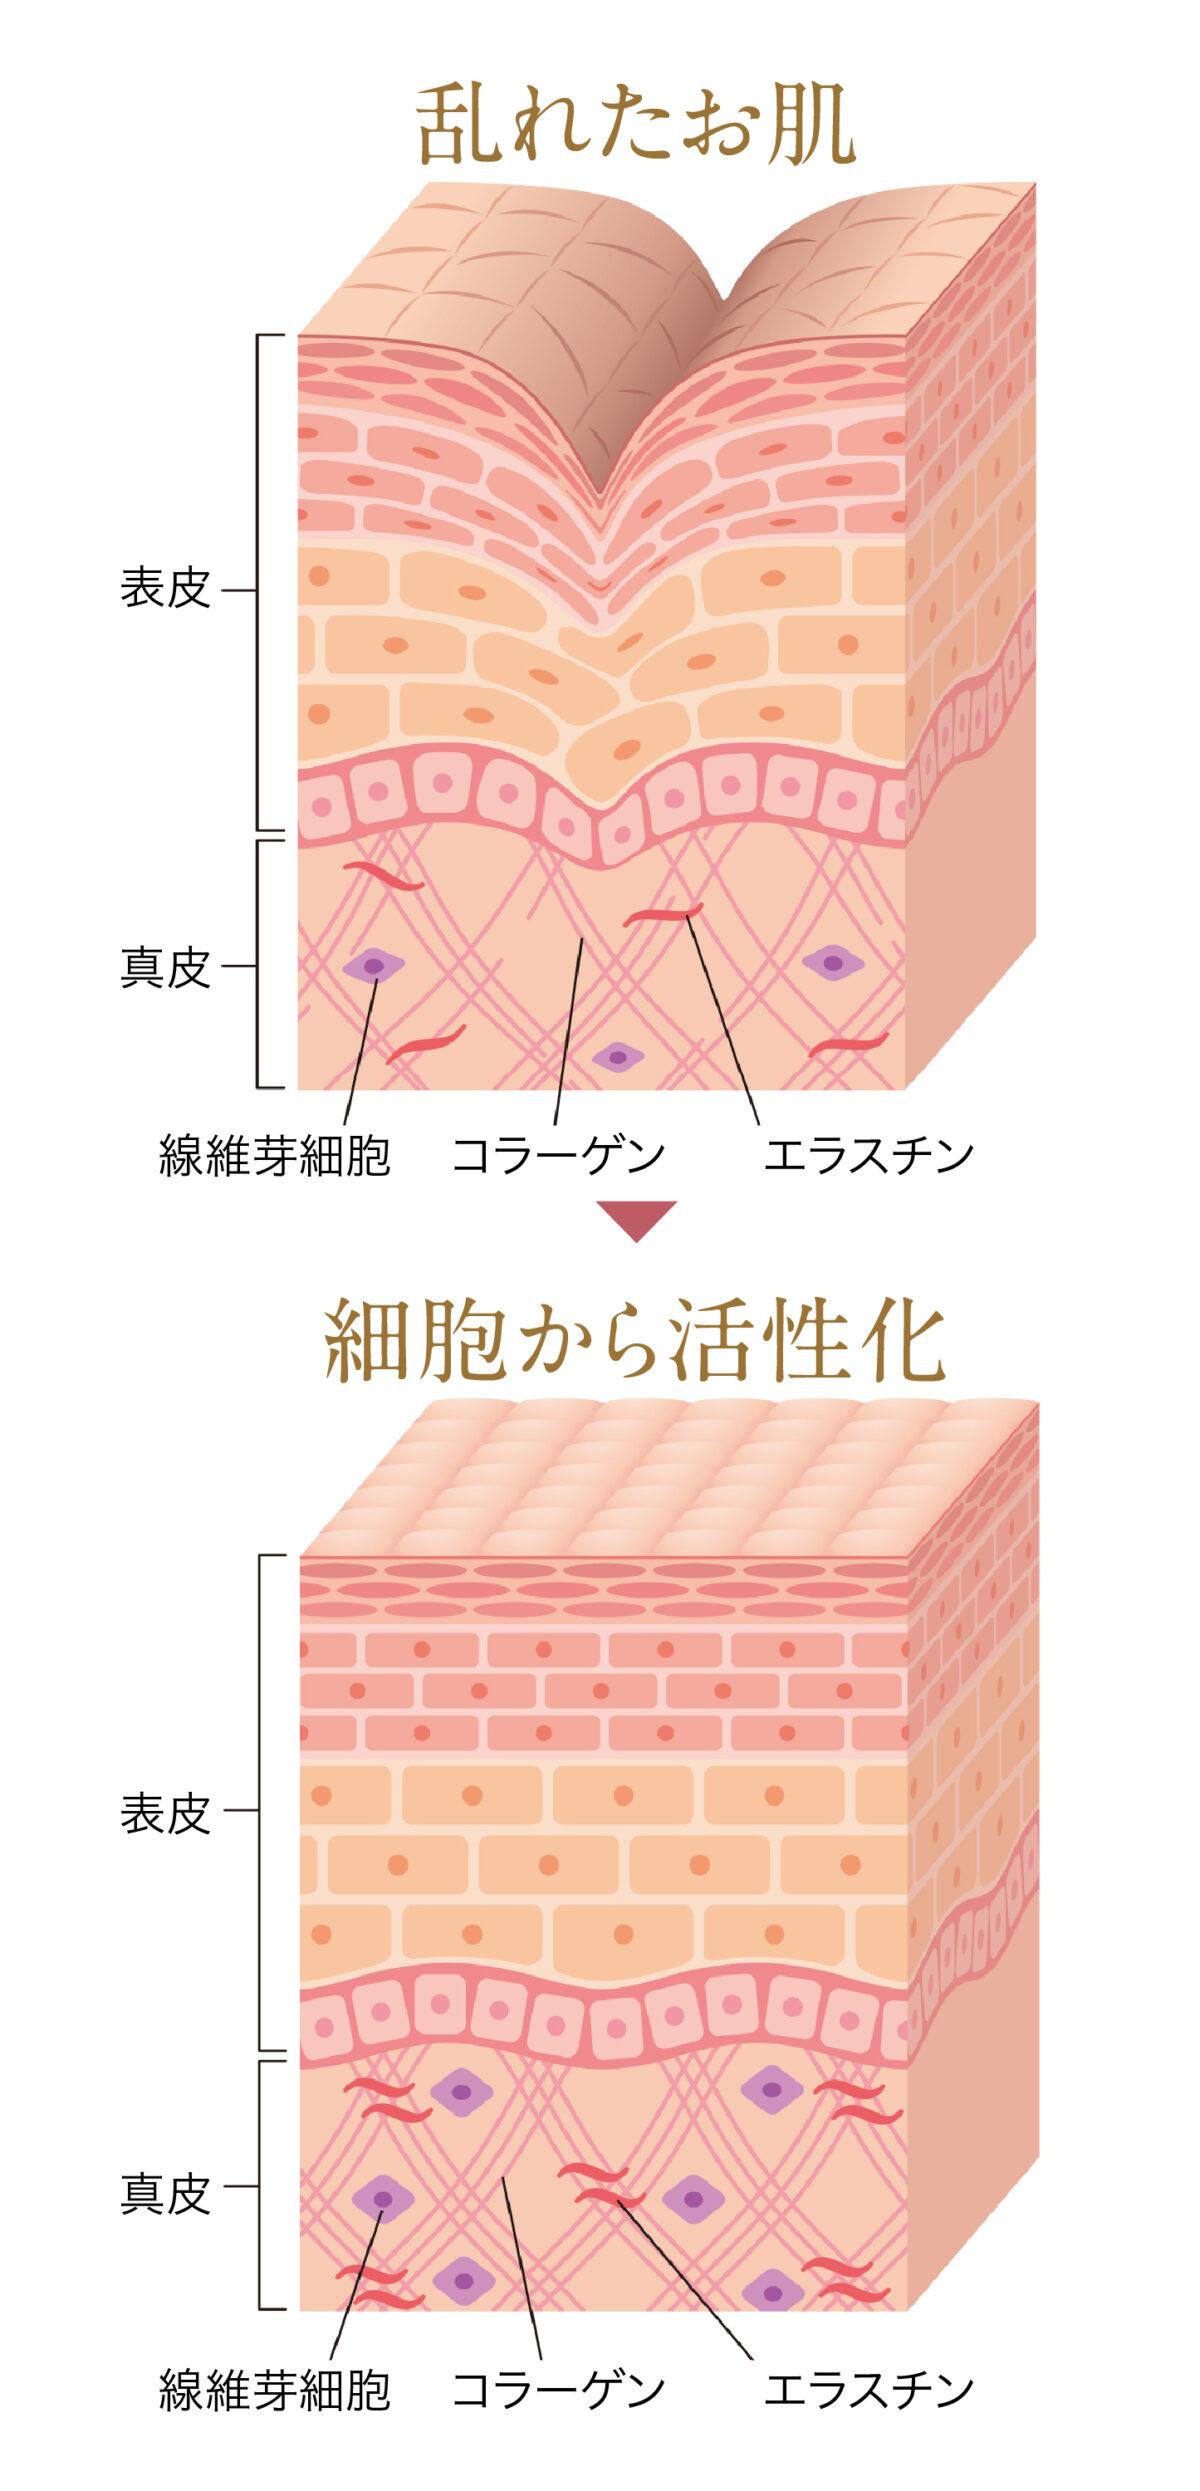 幹細胞肌図 線維芽細胞